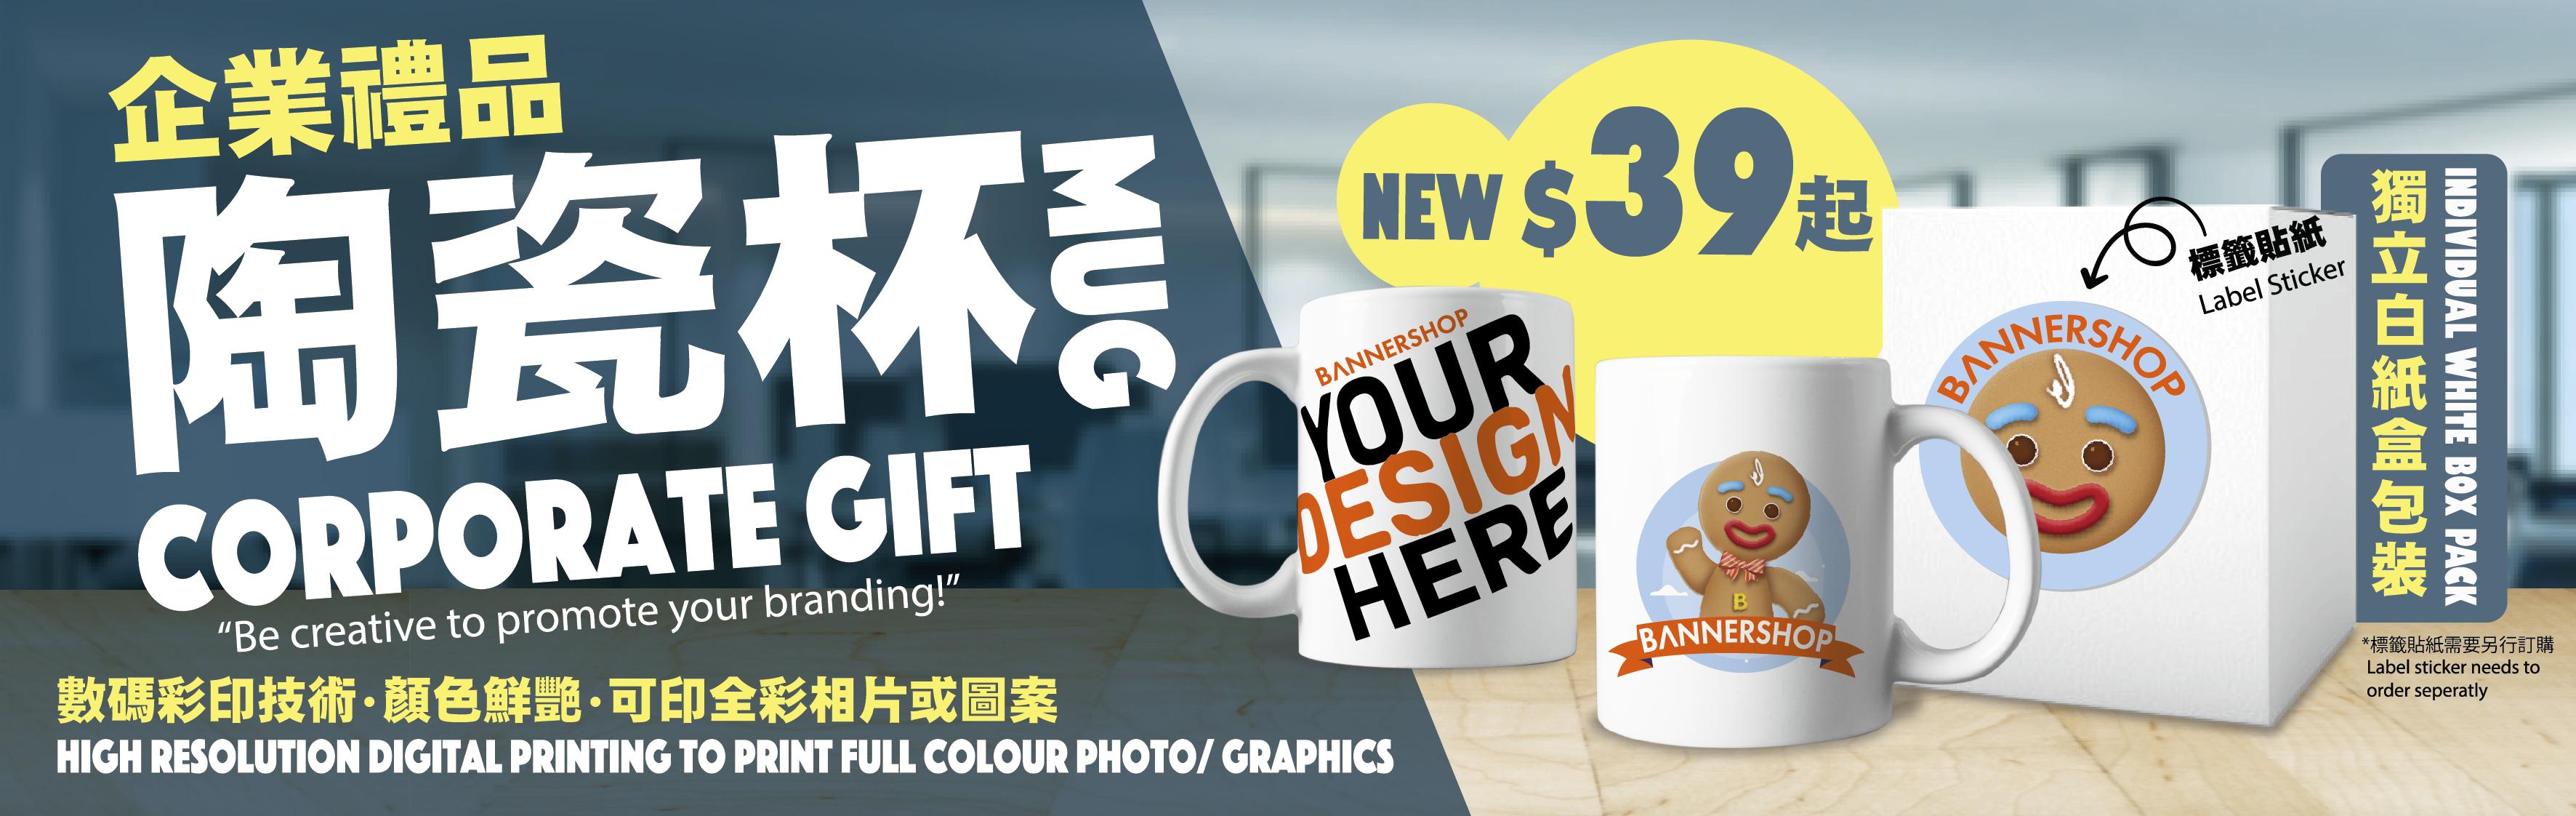 New Product - Mug